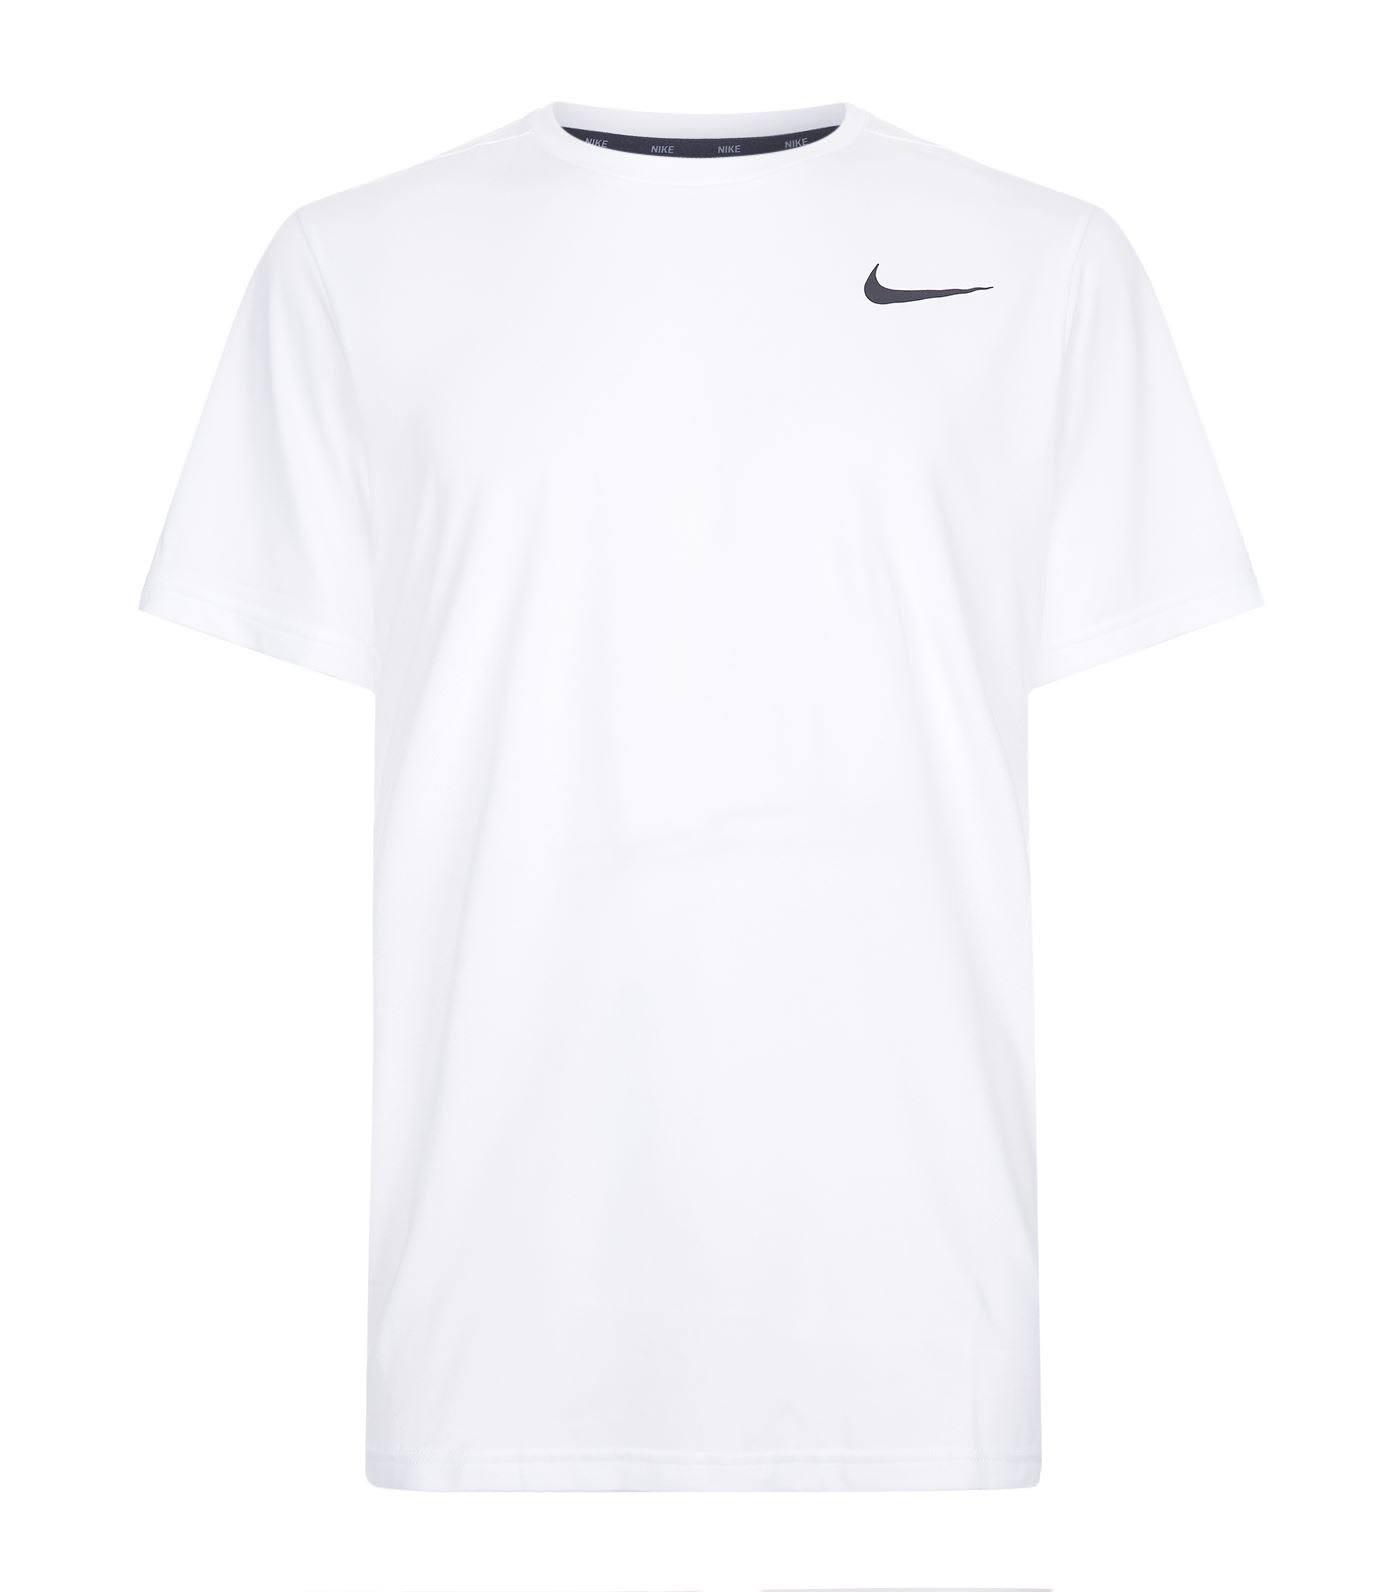 Top Nike S Blanco Breathe Entrenamiento De r78vr